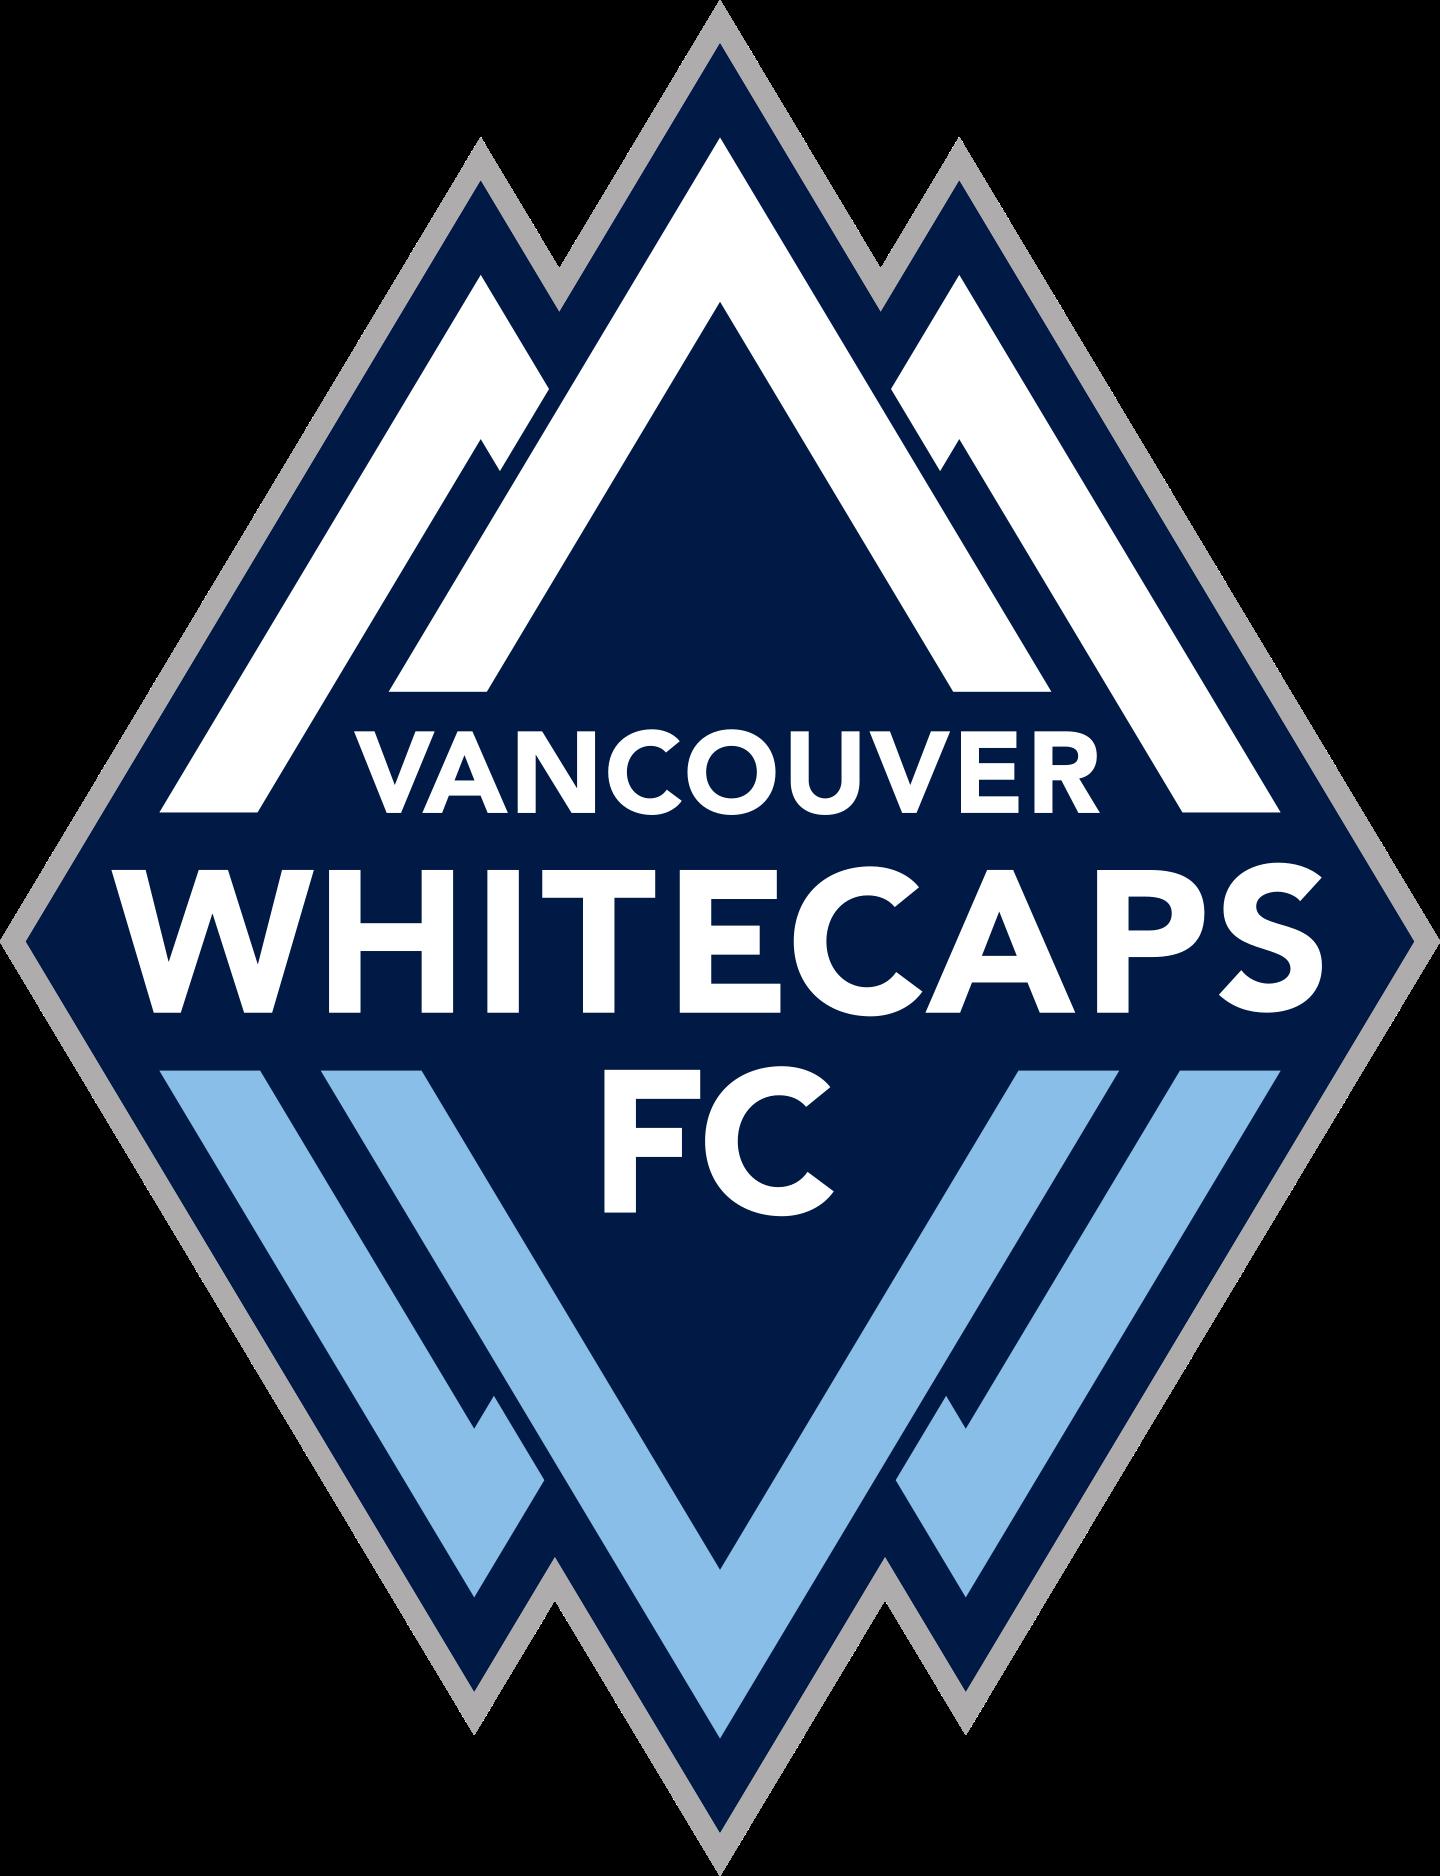 vancouver whitecaps fc logo 2 - Vancouver Whitecaps FC Logo